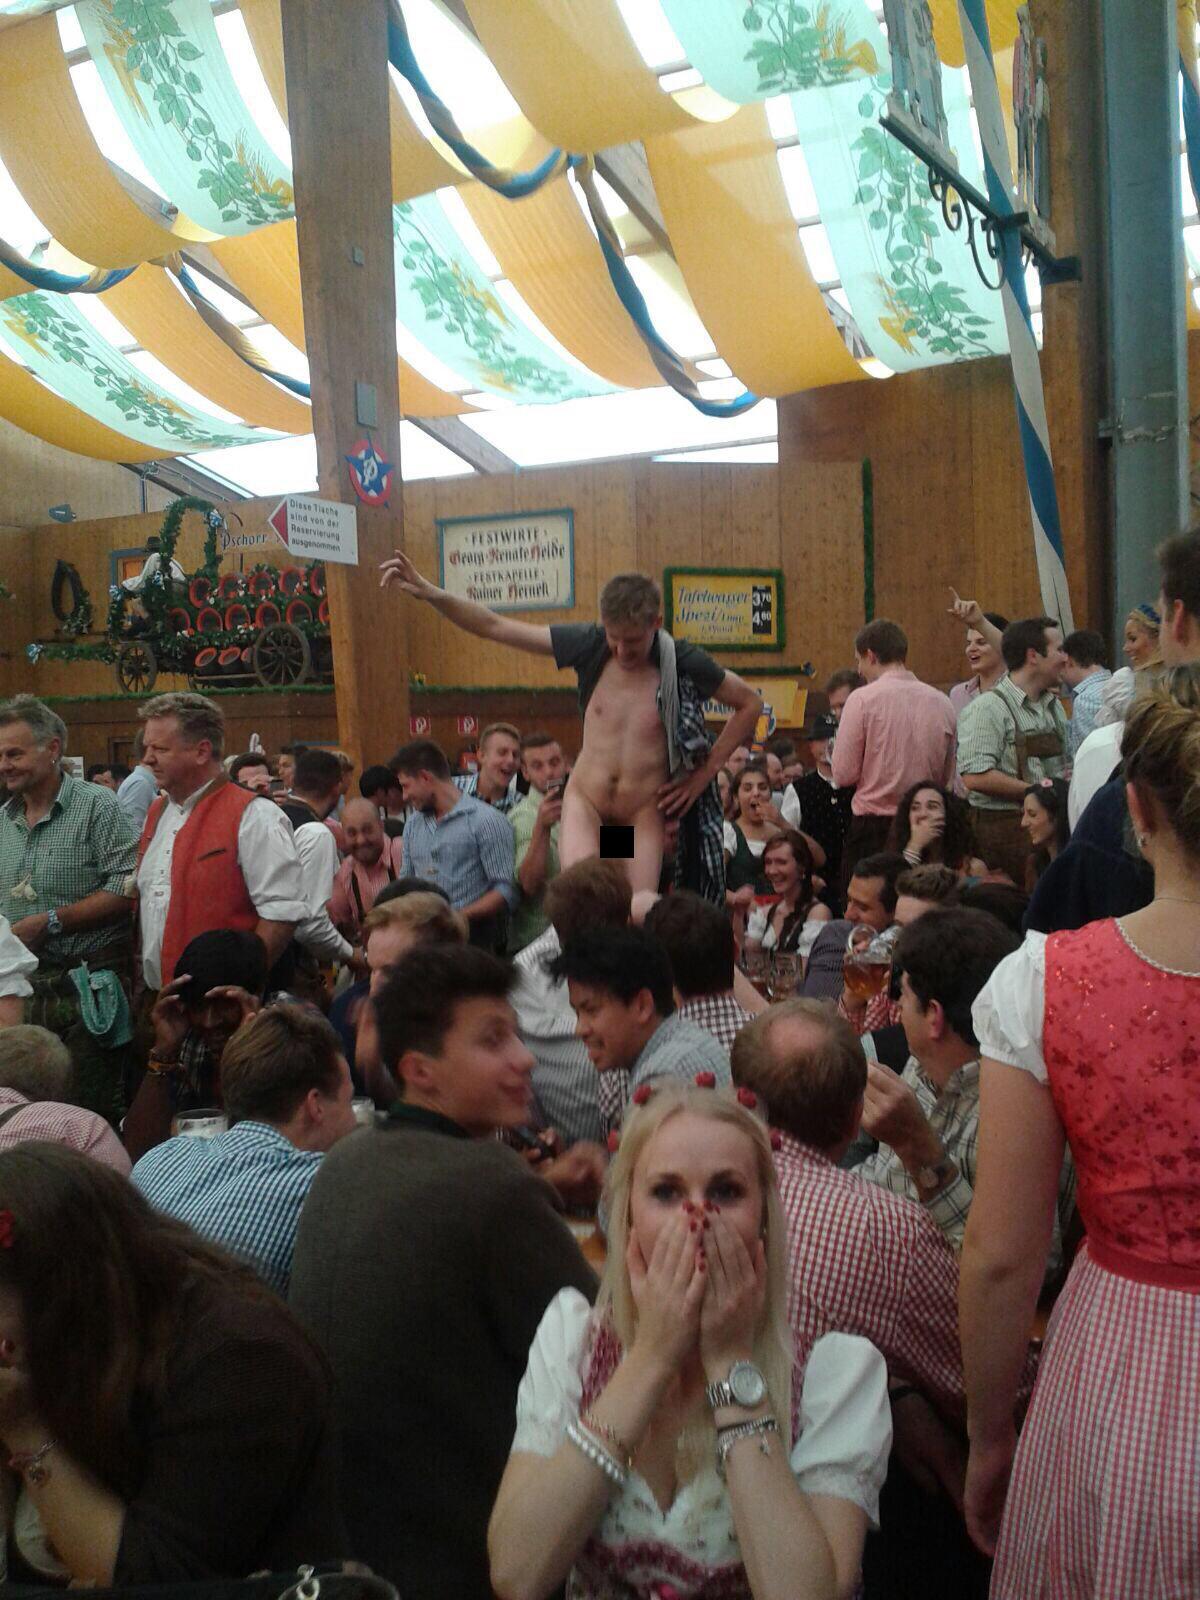 16張照片讓你看到德國的「慕尼黑啤酒節」是全世界最瘋狂的節日!